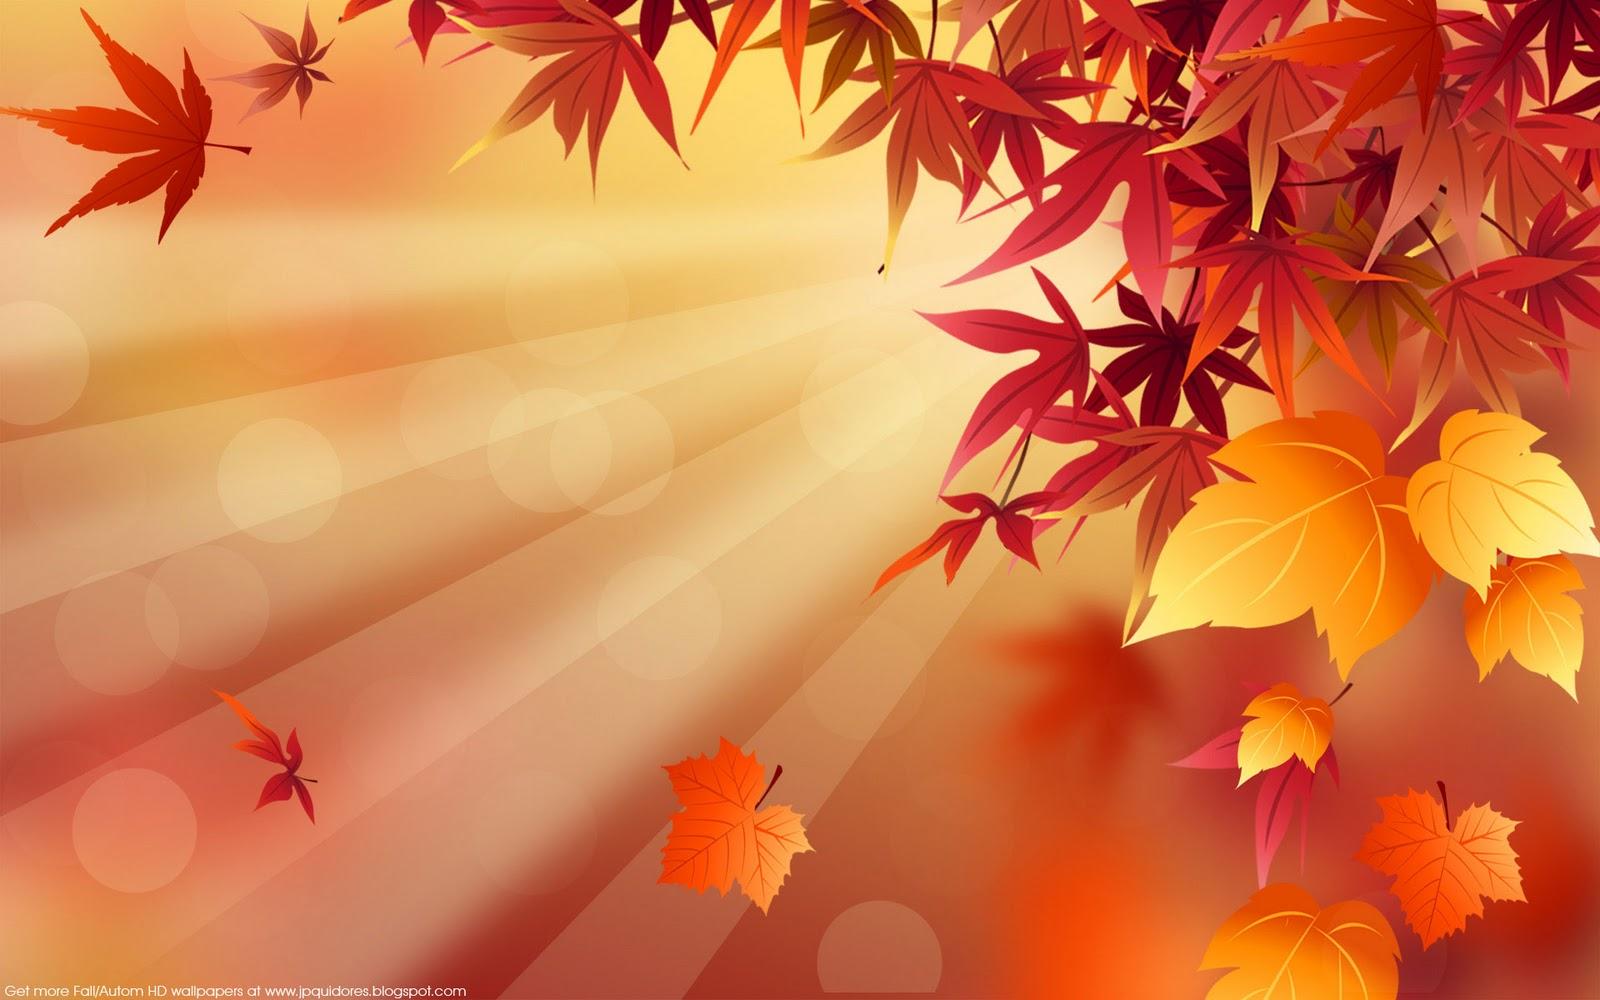 Fall Wallpaper Backgrounds Desktop HD wallpaper background 1600x1000